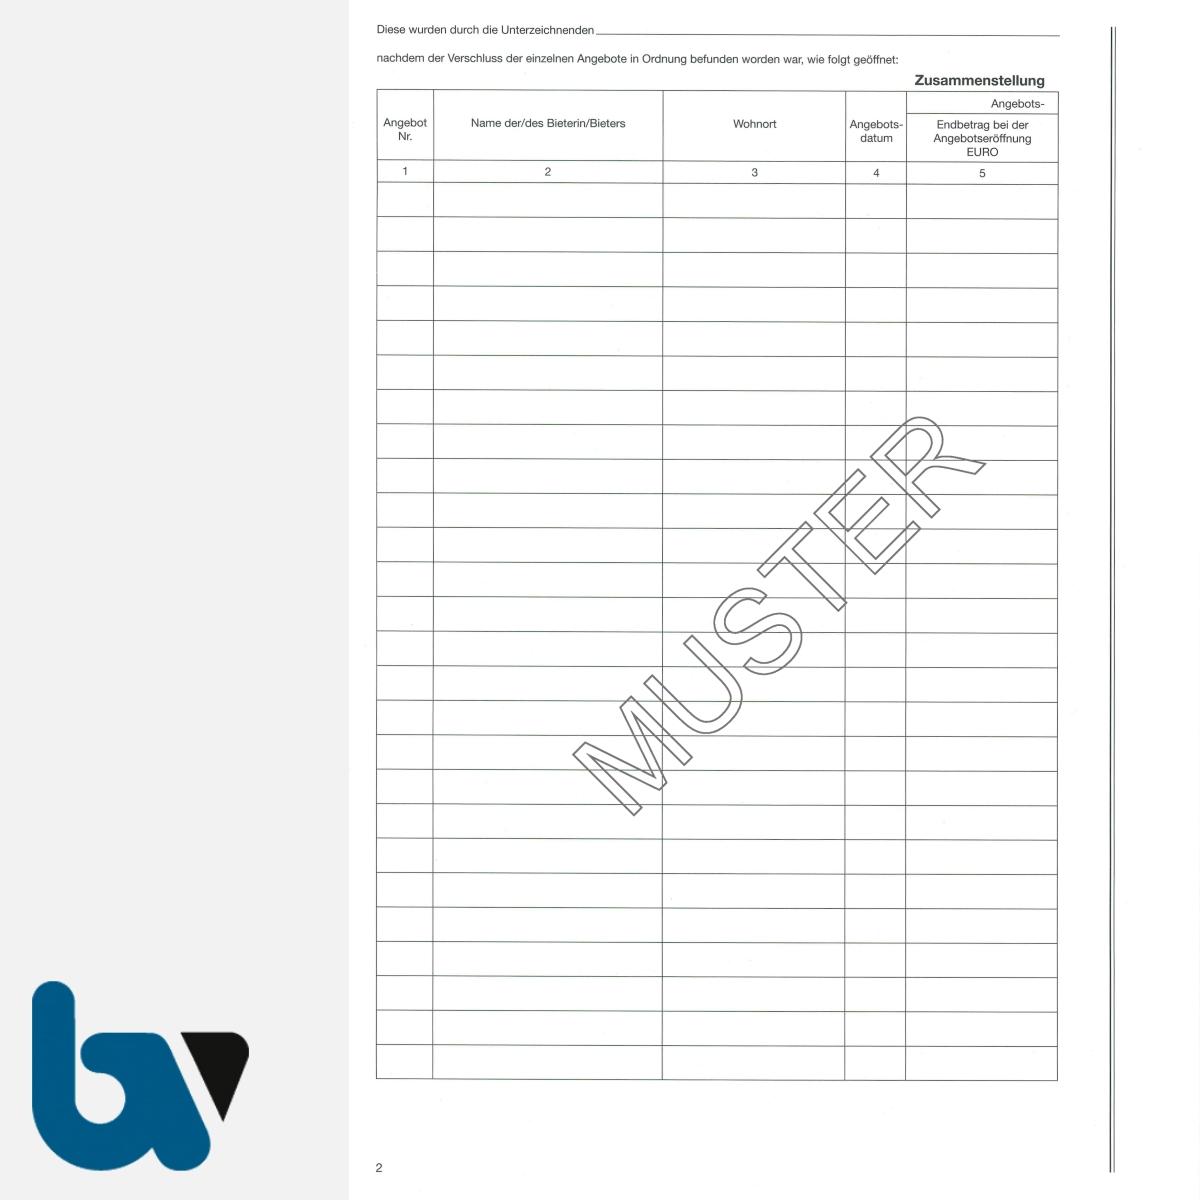 0/704-8 Verdingungsverhandlung Niederschrift Lieferung Leistung Ausschreibung Submission VOB VOL Doppelbogen DIN A4 Seite 2 | Borgard Verlag GmbH